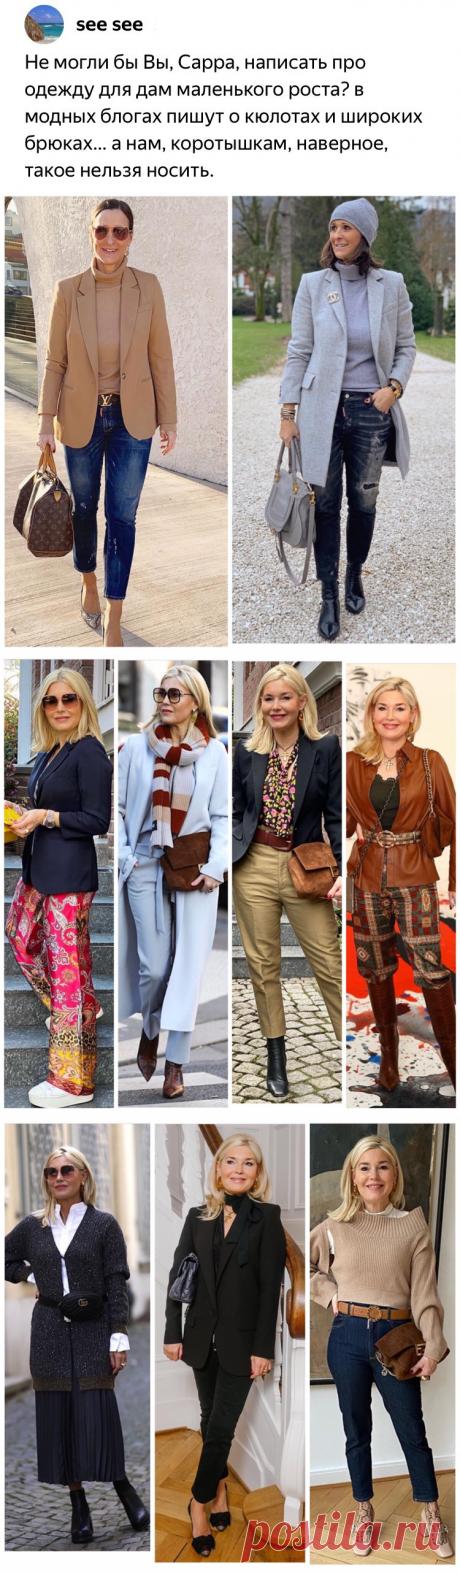 По просьбе подписчицы канала. Подробно разбираем вопрос, как одеваться дамам невысокого роста (2 часть) | Мода вне времени | Яндекс Дзен